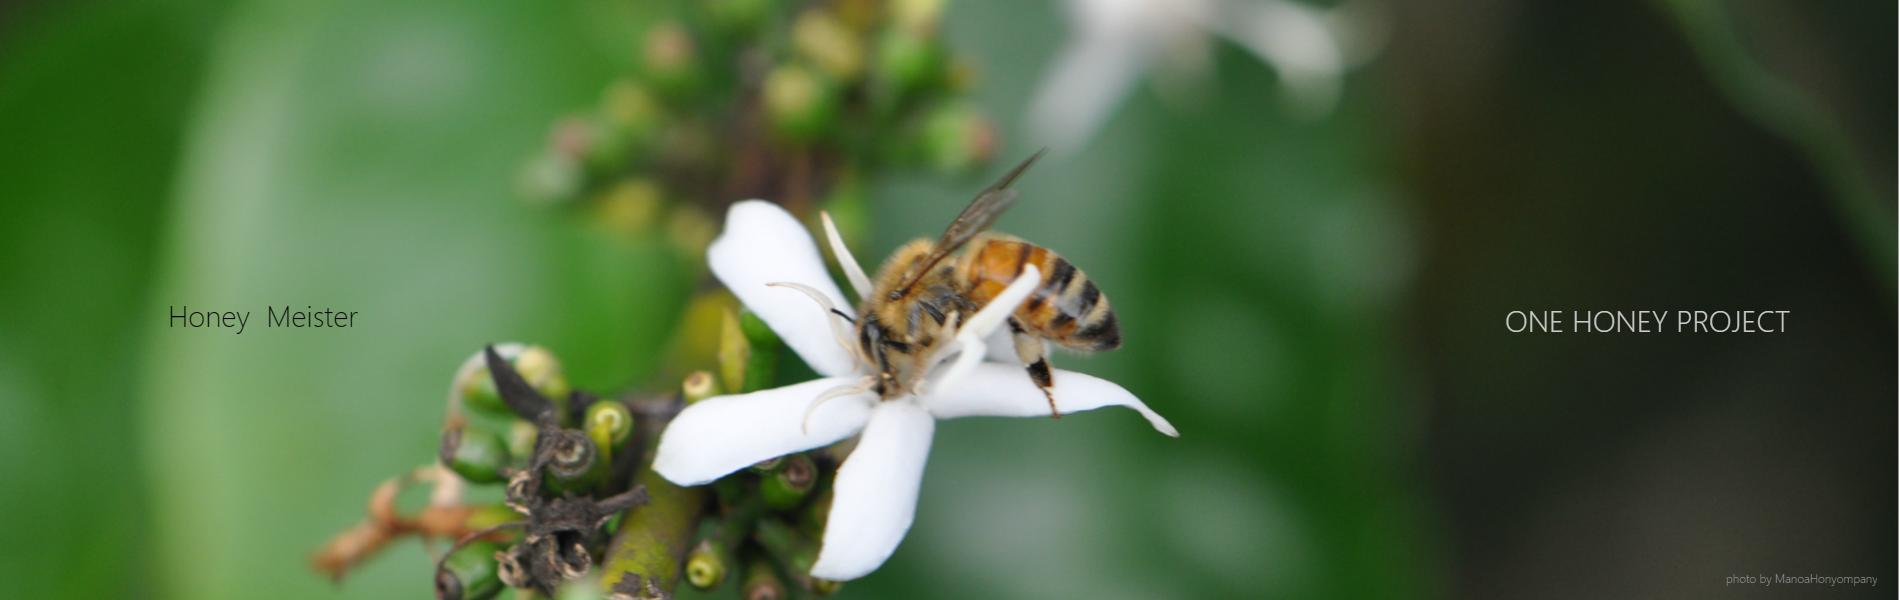 花とみつばち 株式会社ワンハニープロジェクト HoneyBee みつばち Flower 花 HoneyMeister はちみつマイスター